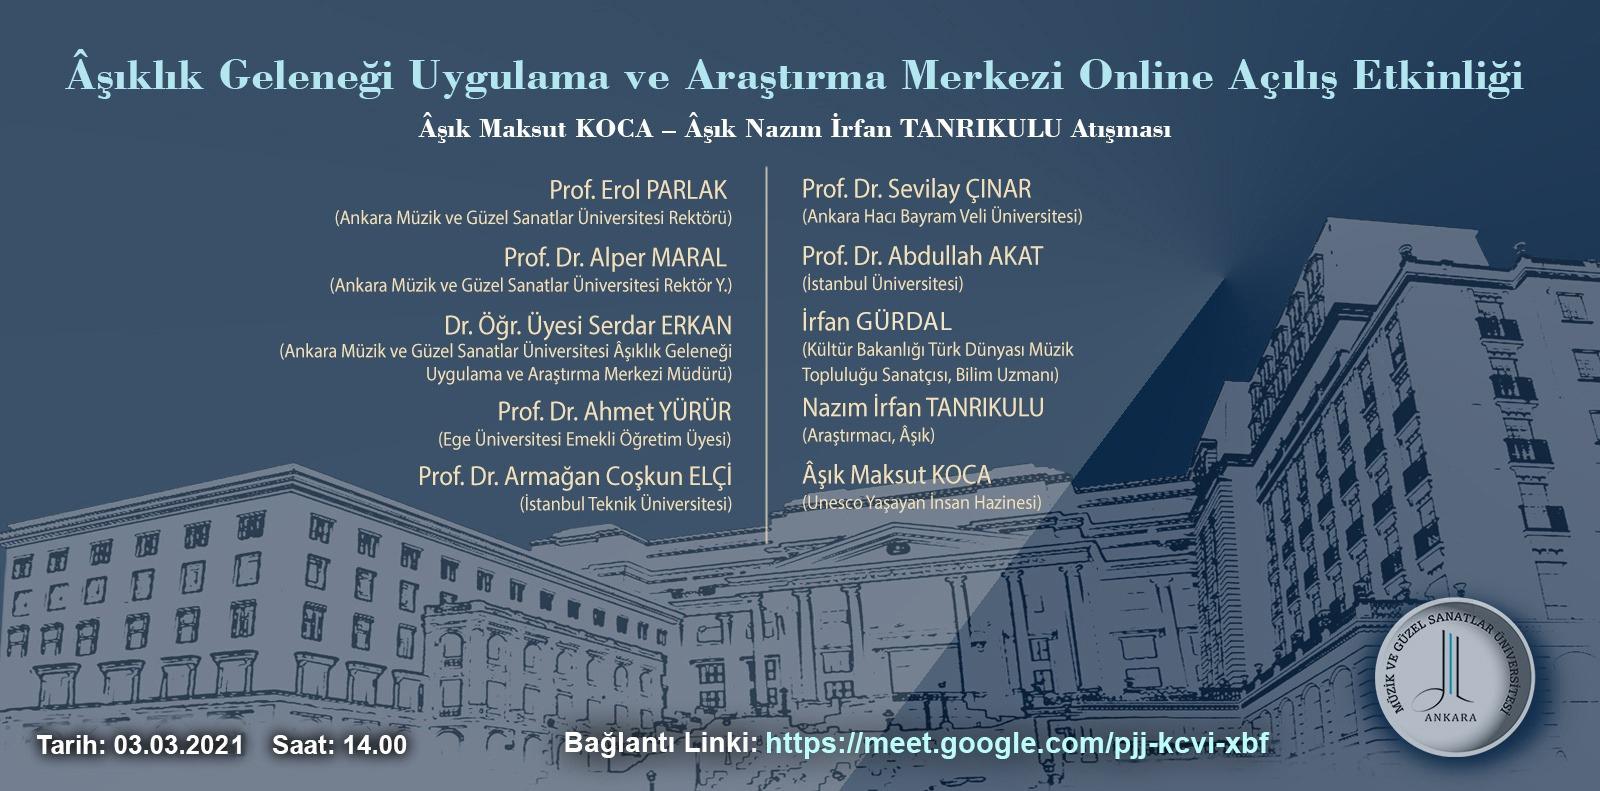 AGUAM Online Açılış Etkinliği Slide